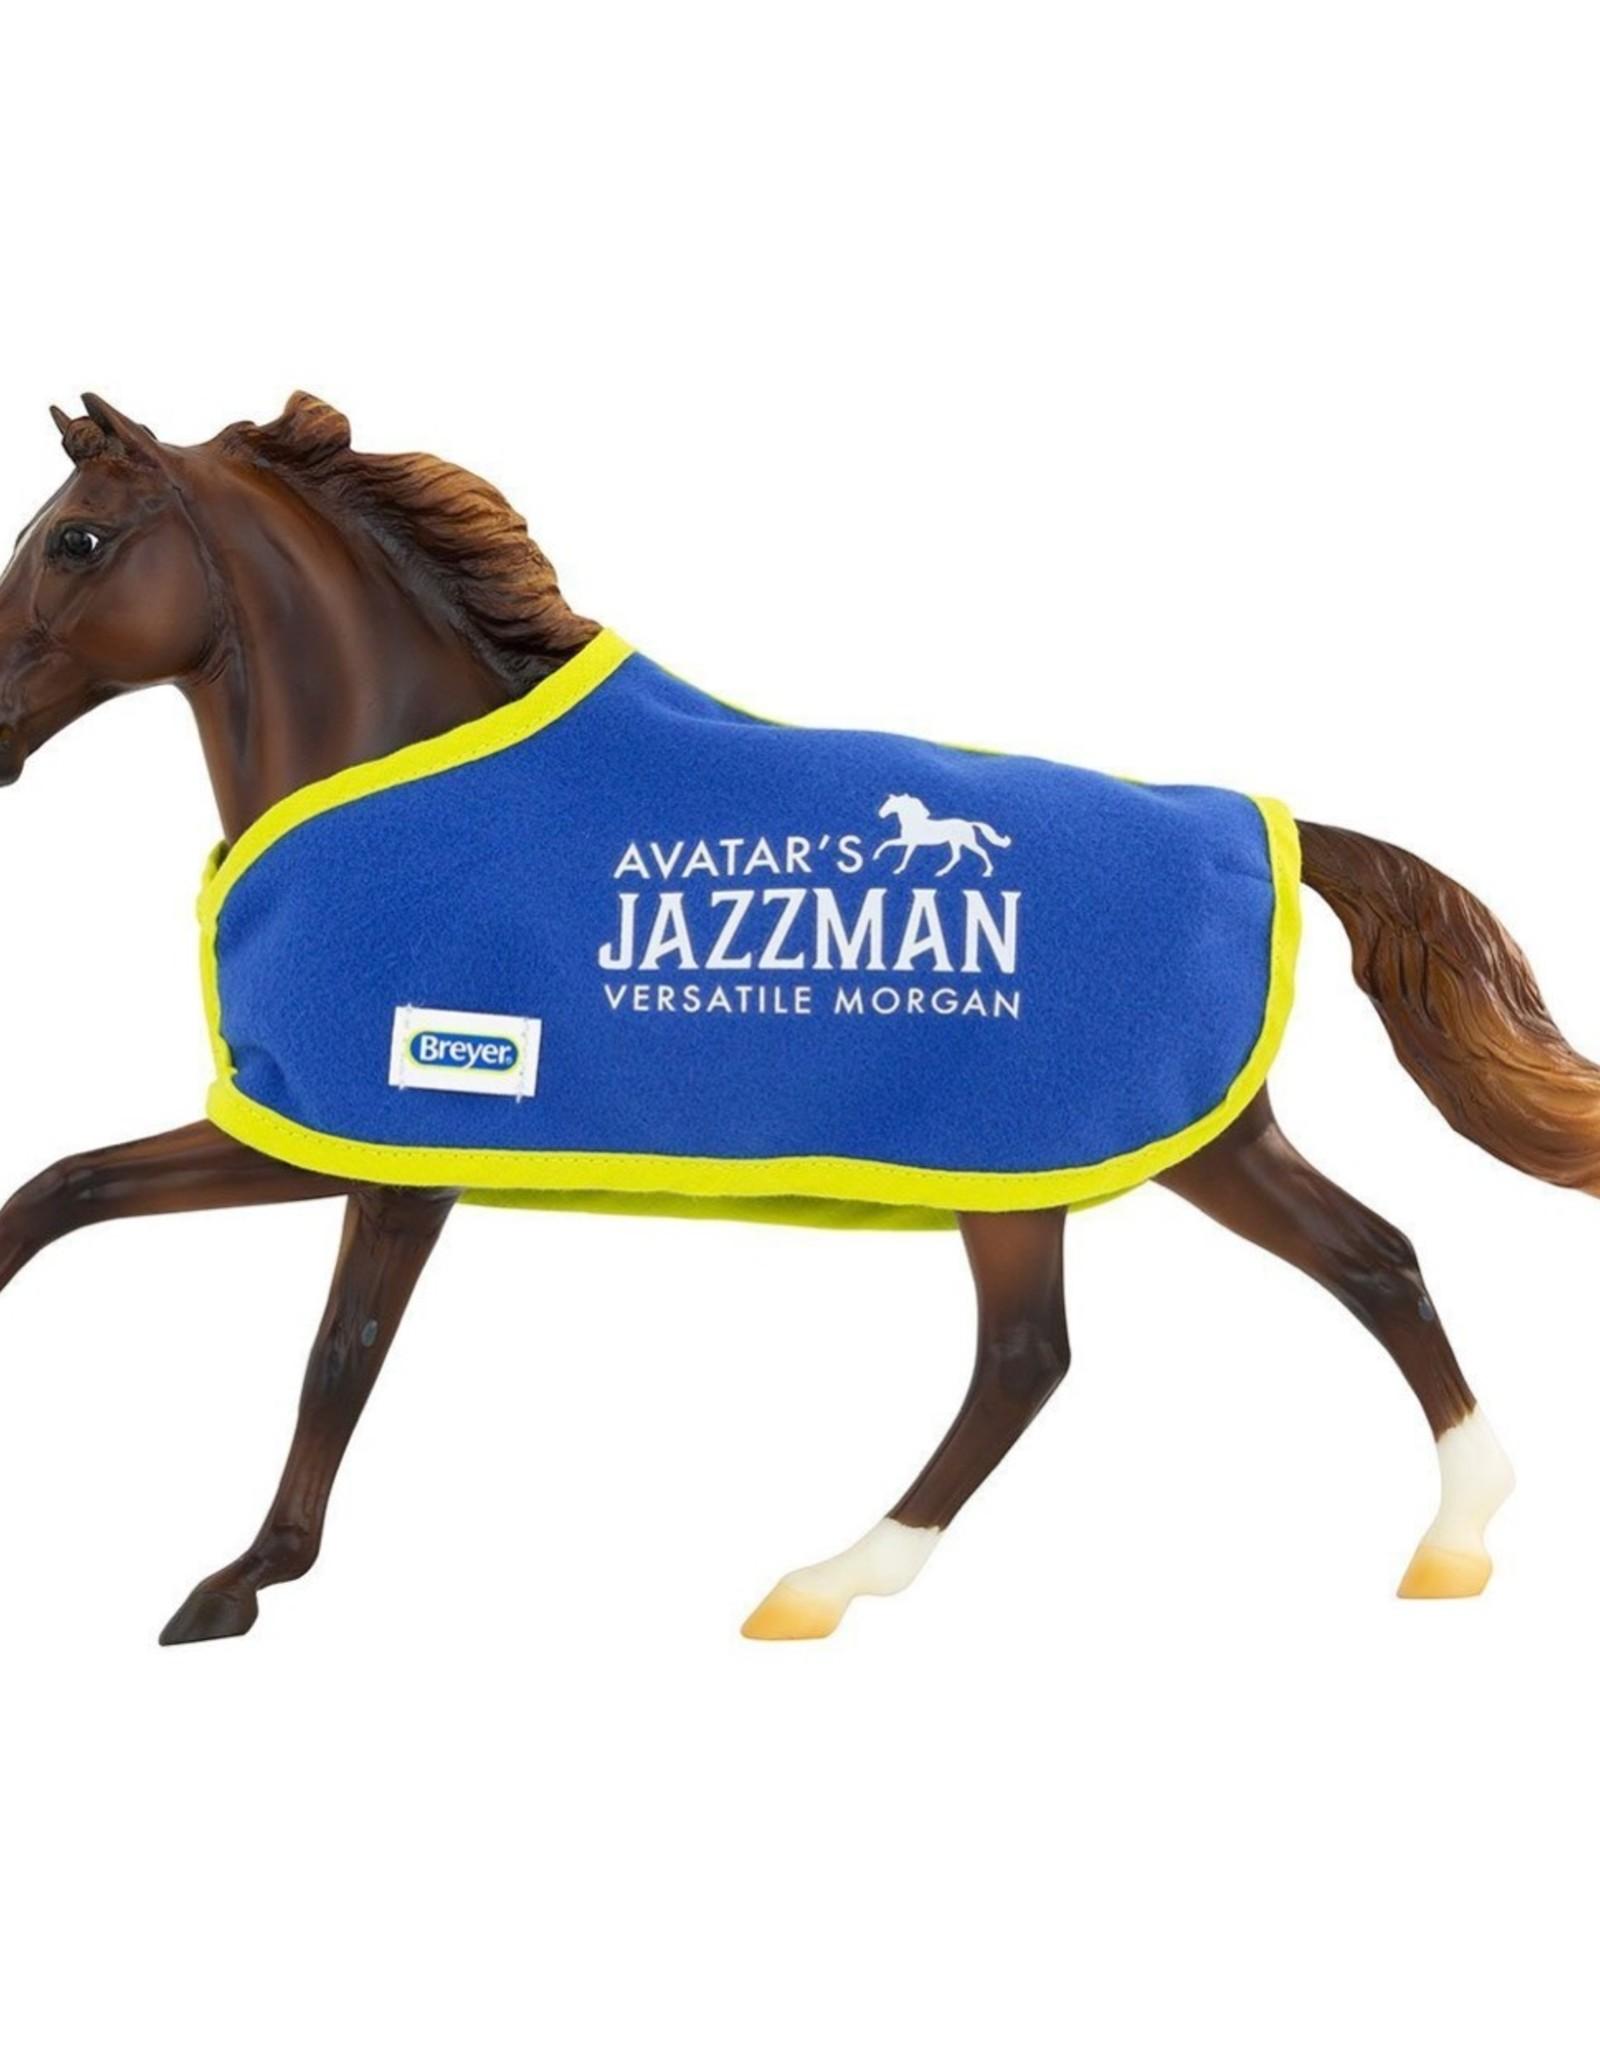 Breyer Avatar's Jazzman